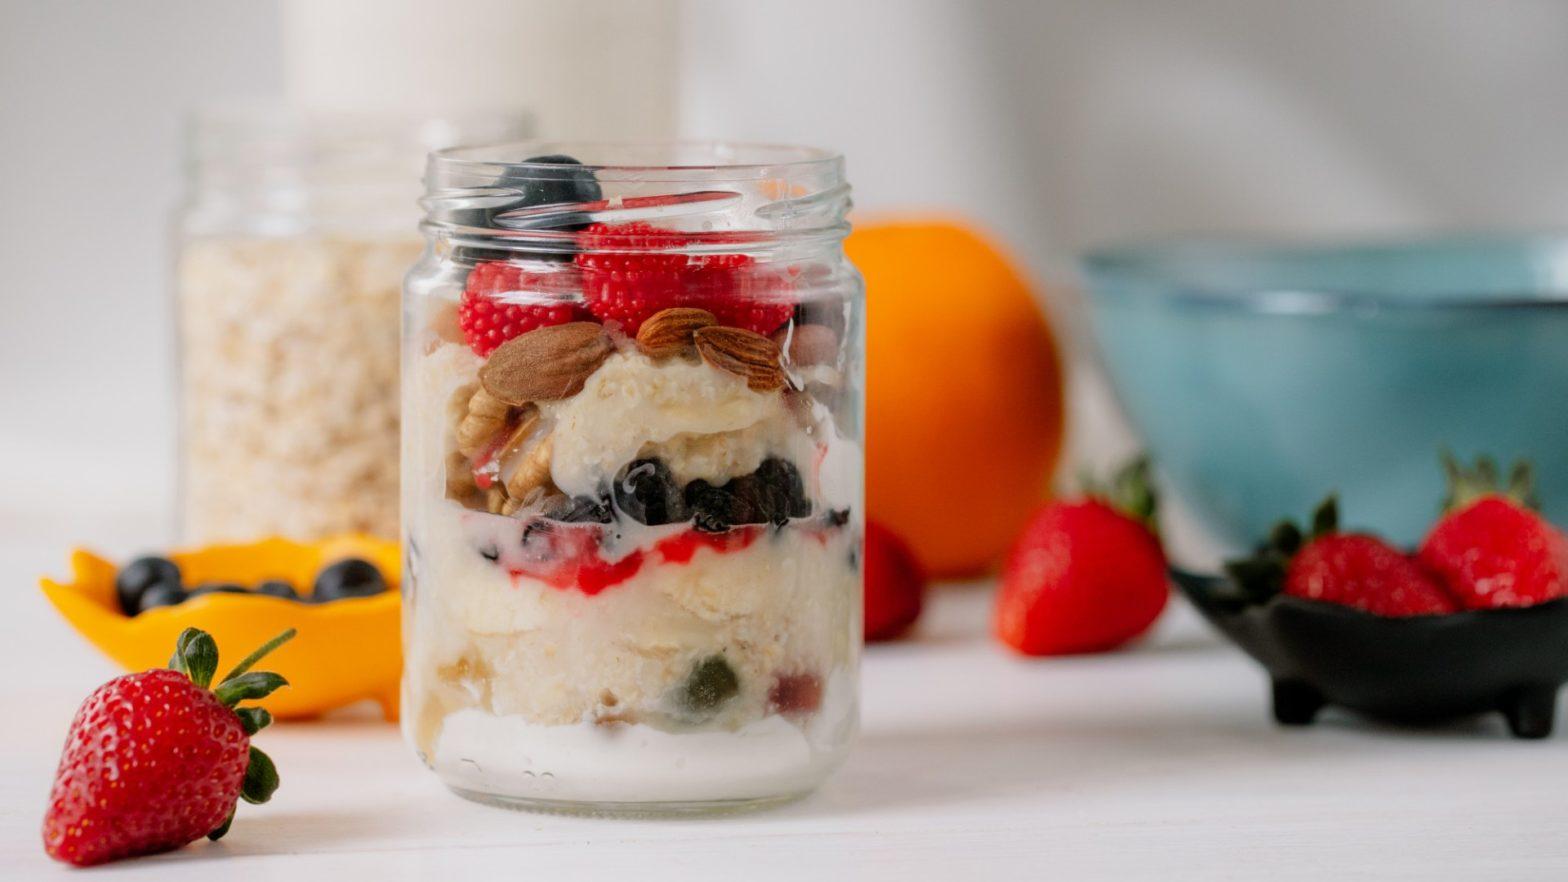 Pote de overnight oats de frutas vermelhas.